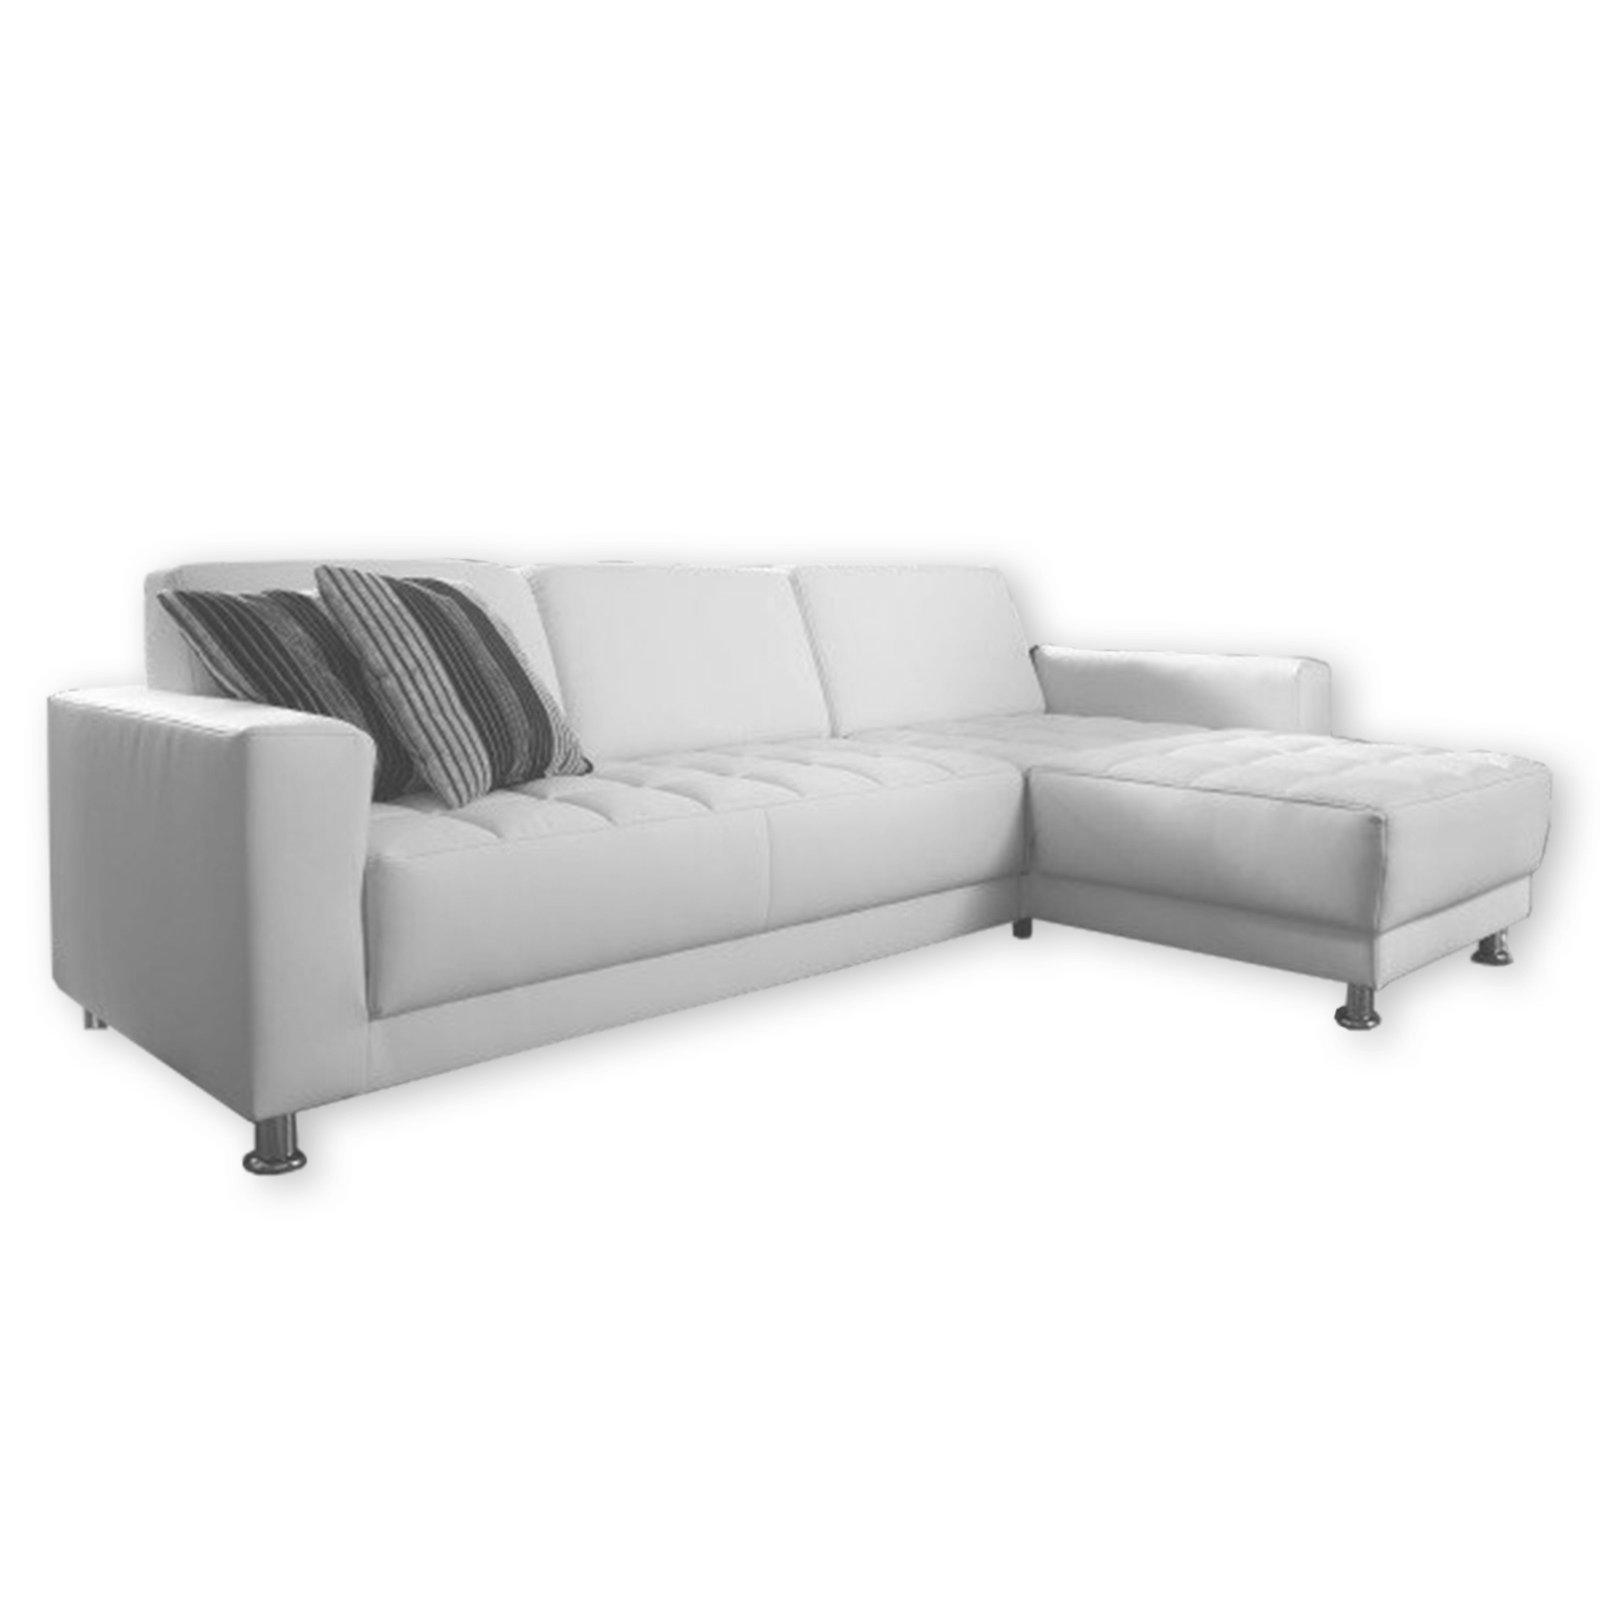 polsterecke wei kunstleder recamiere rechts ecksofas l form sofas couches m bel. Black Bedroom Furniture Sets. Home Design Ideas